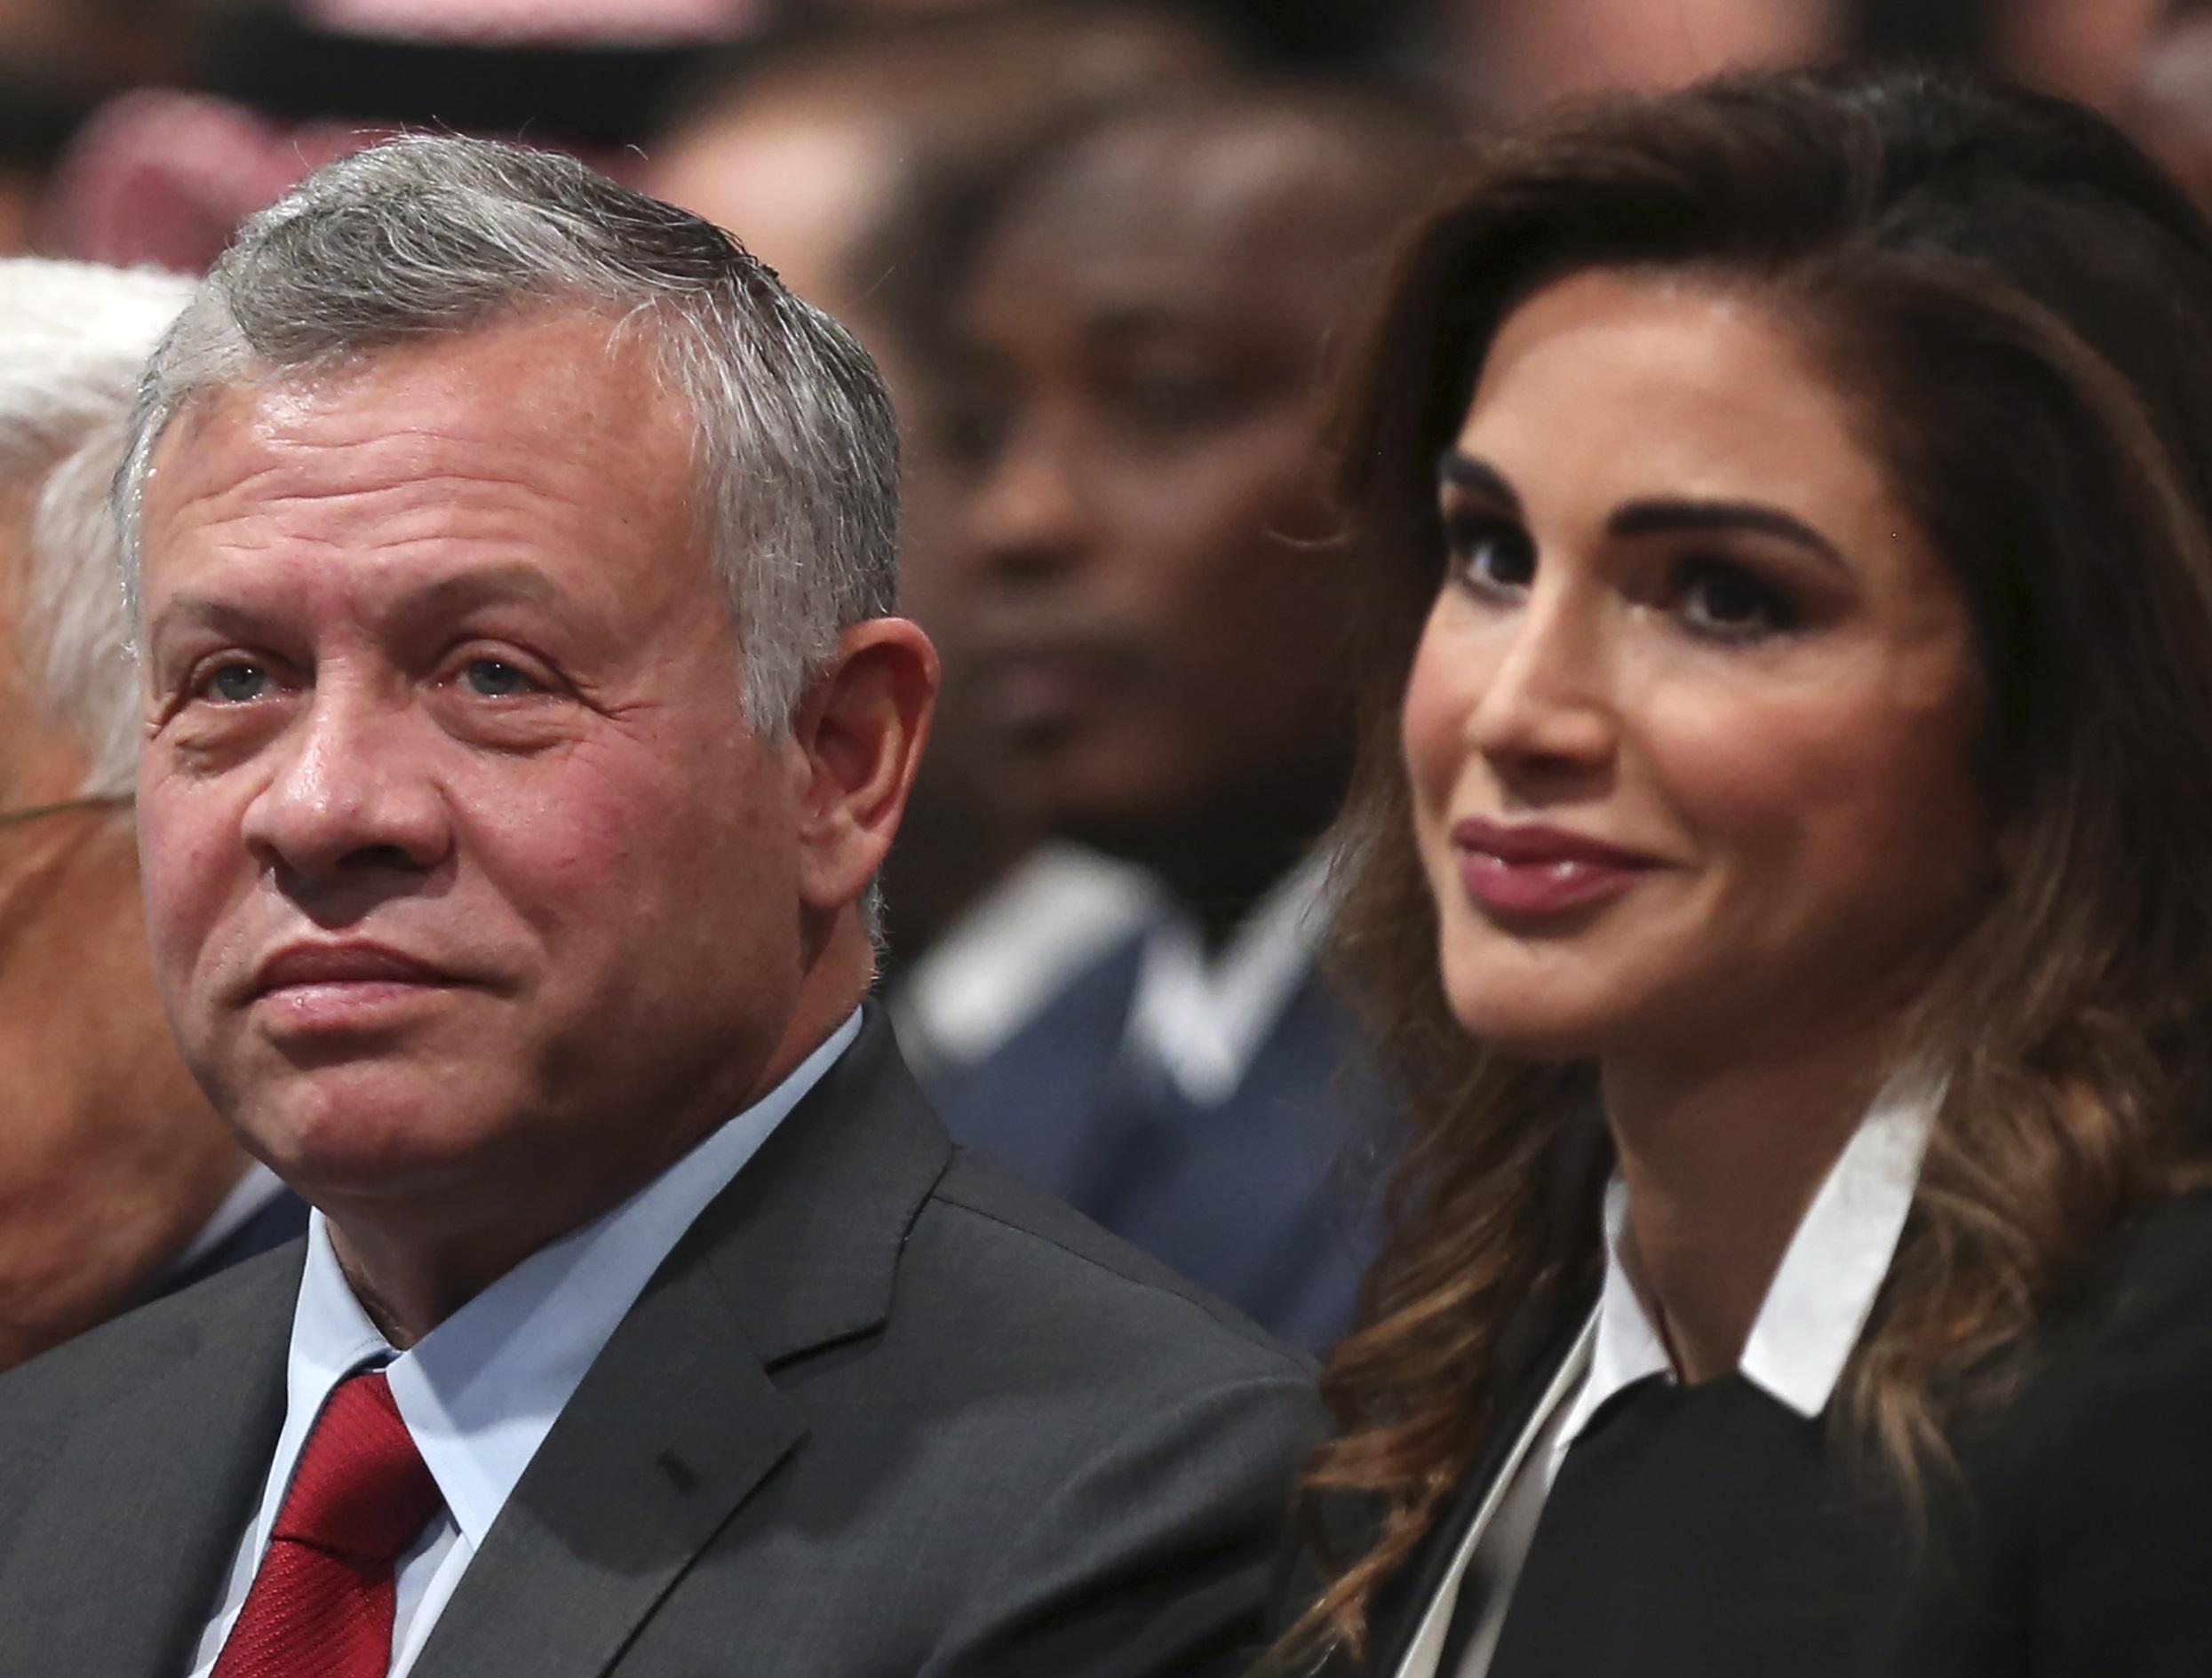 Jordanie Derriere Les Sourires Sur Instagram La Famille Royale Ne Tolere Aucune Critique Middle East Eye Edition Francaise